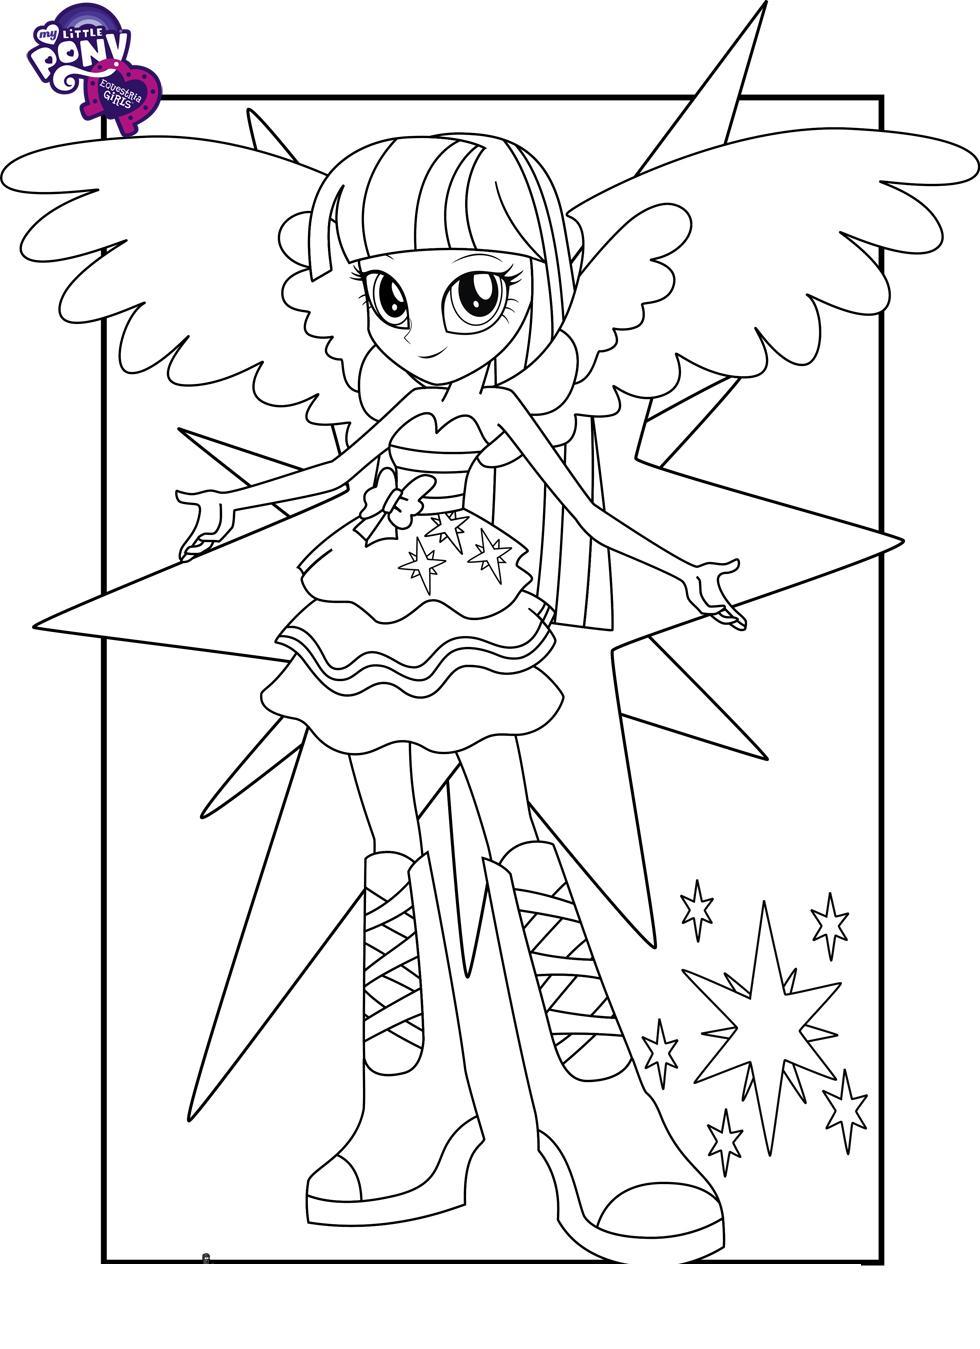 Май литл пони, девочка среди звезд Раскраски с цветами распечатать бесплатно